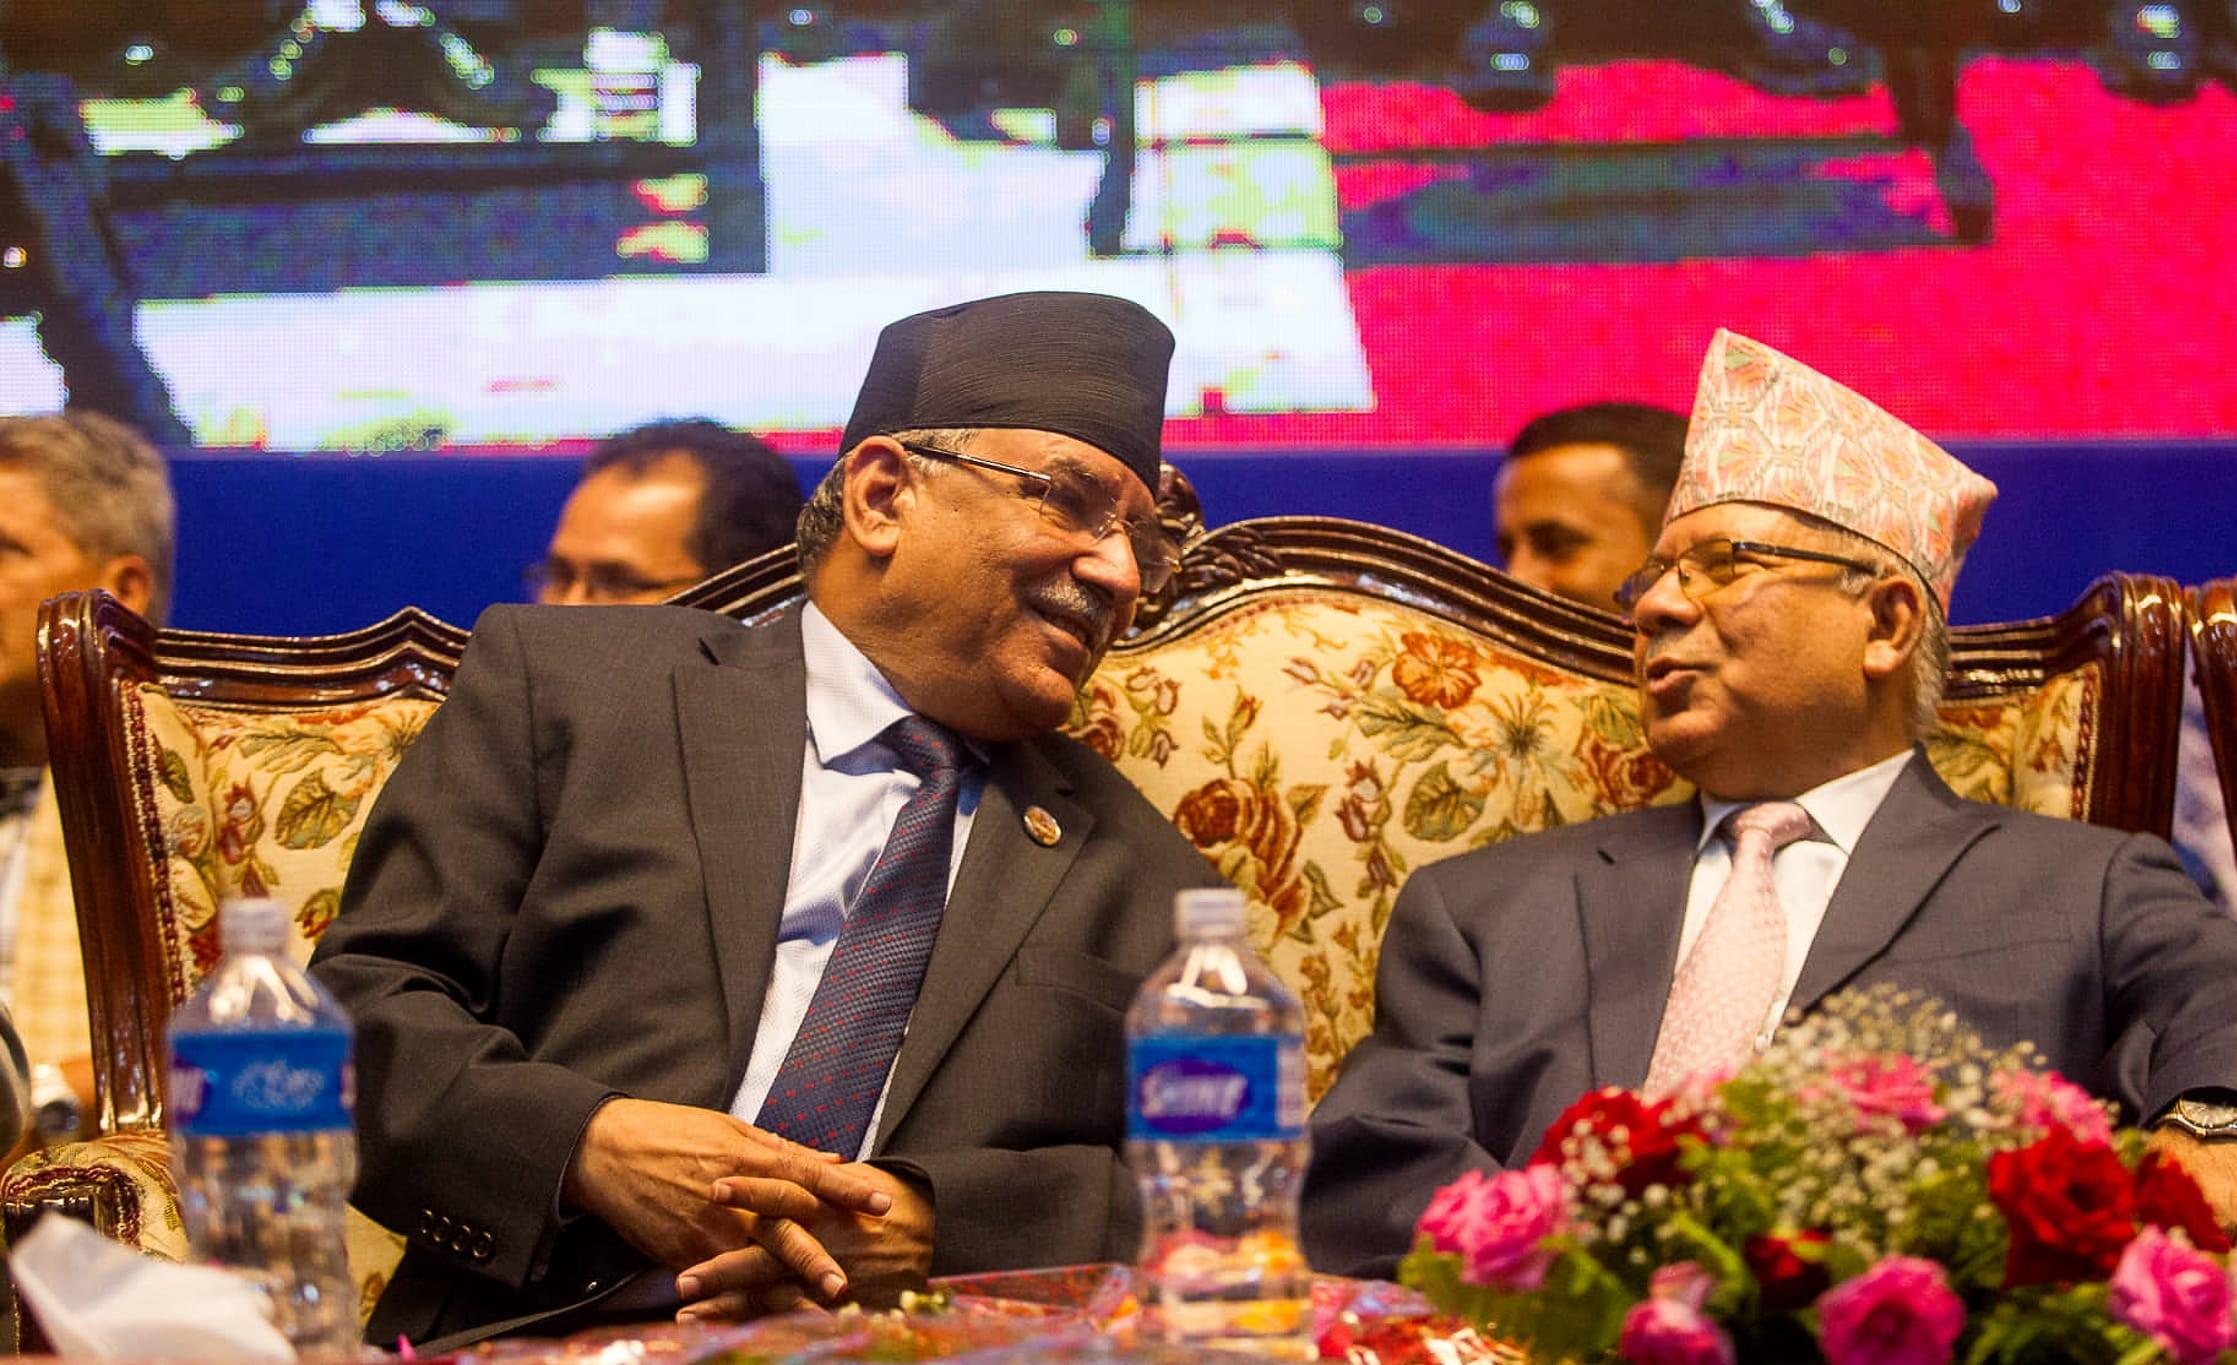 प्रचण्ड–नेपाल समूहको स्थायी कमिटी बैठक सर्यो, दिउसो ३ बजे हुने